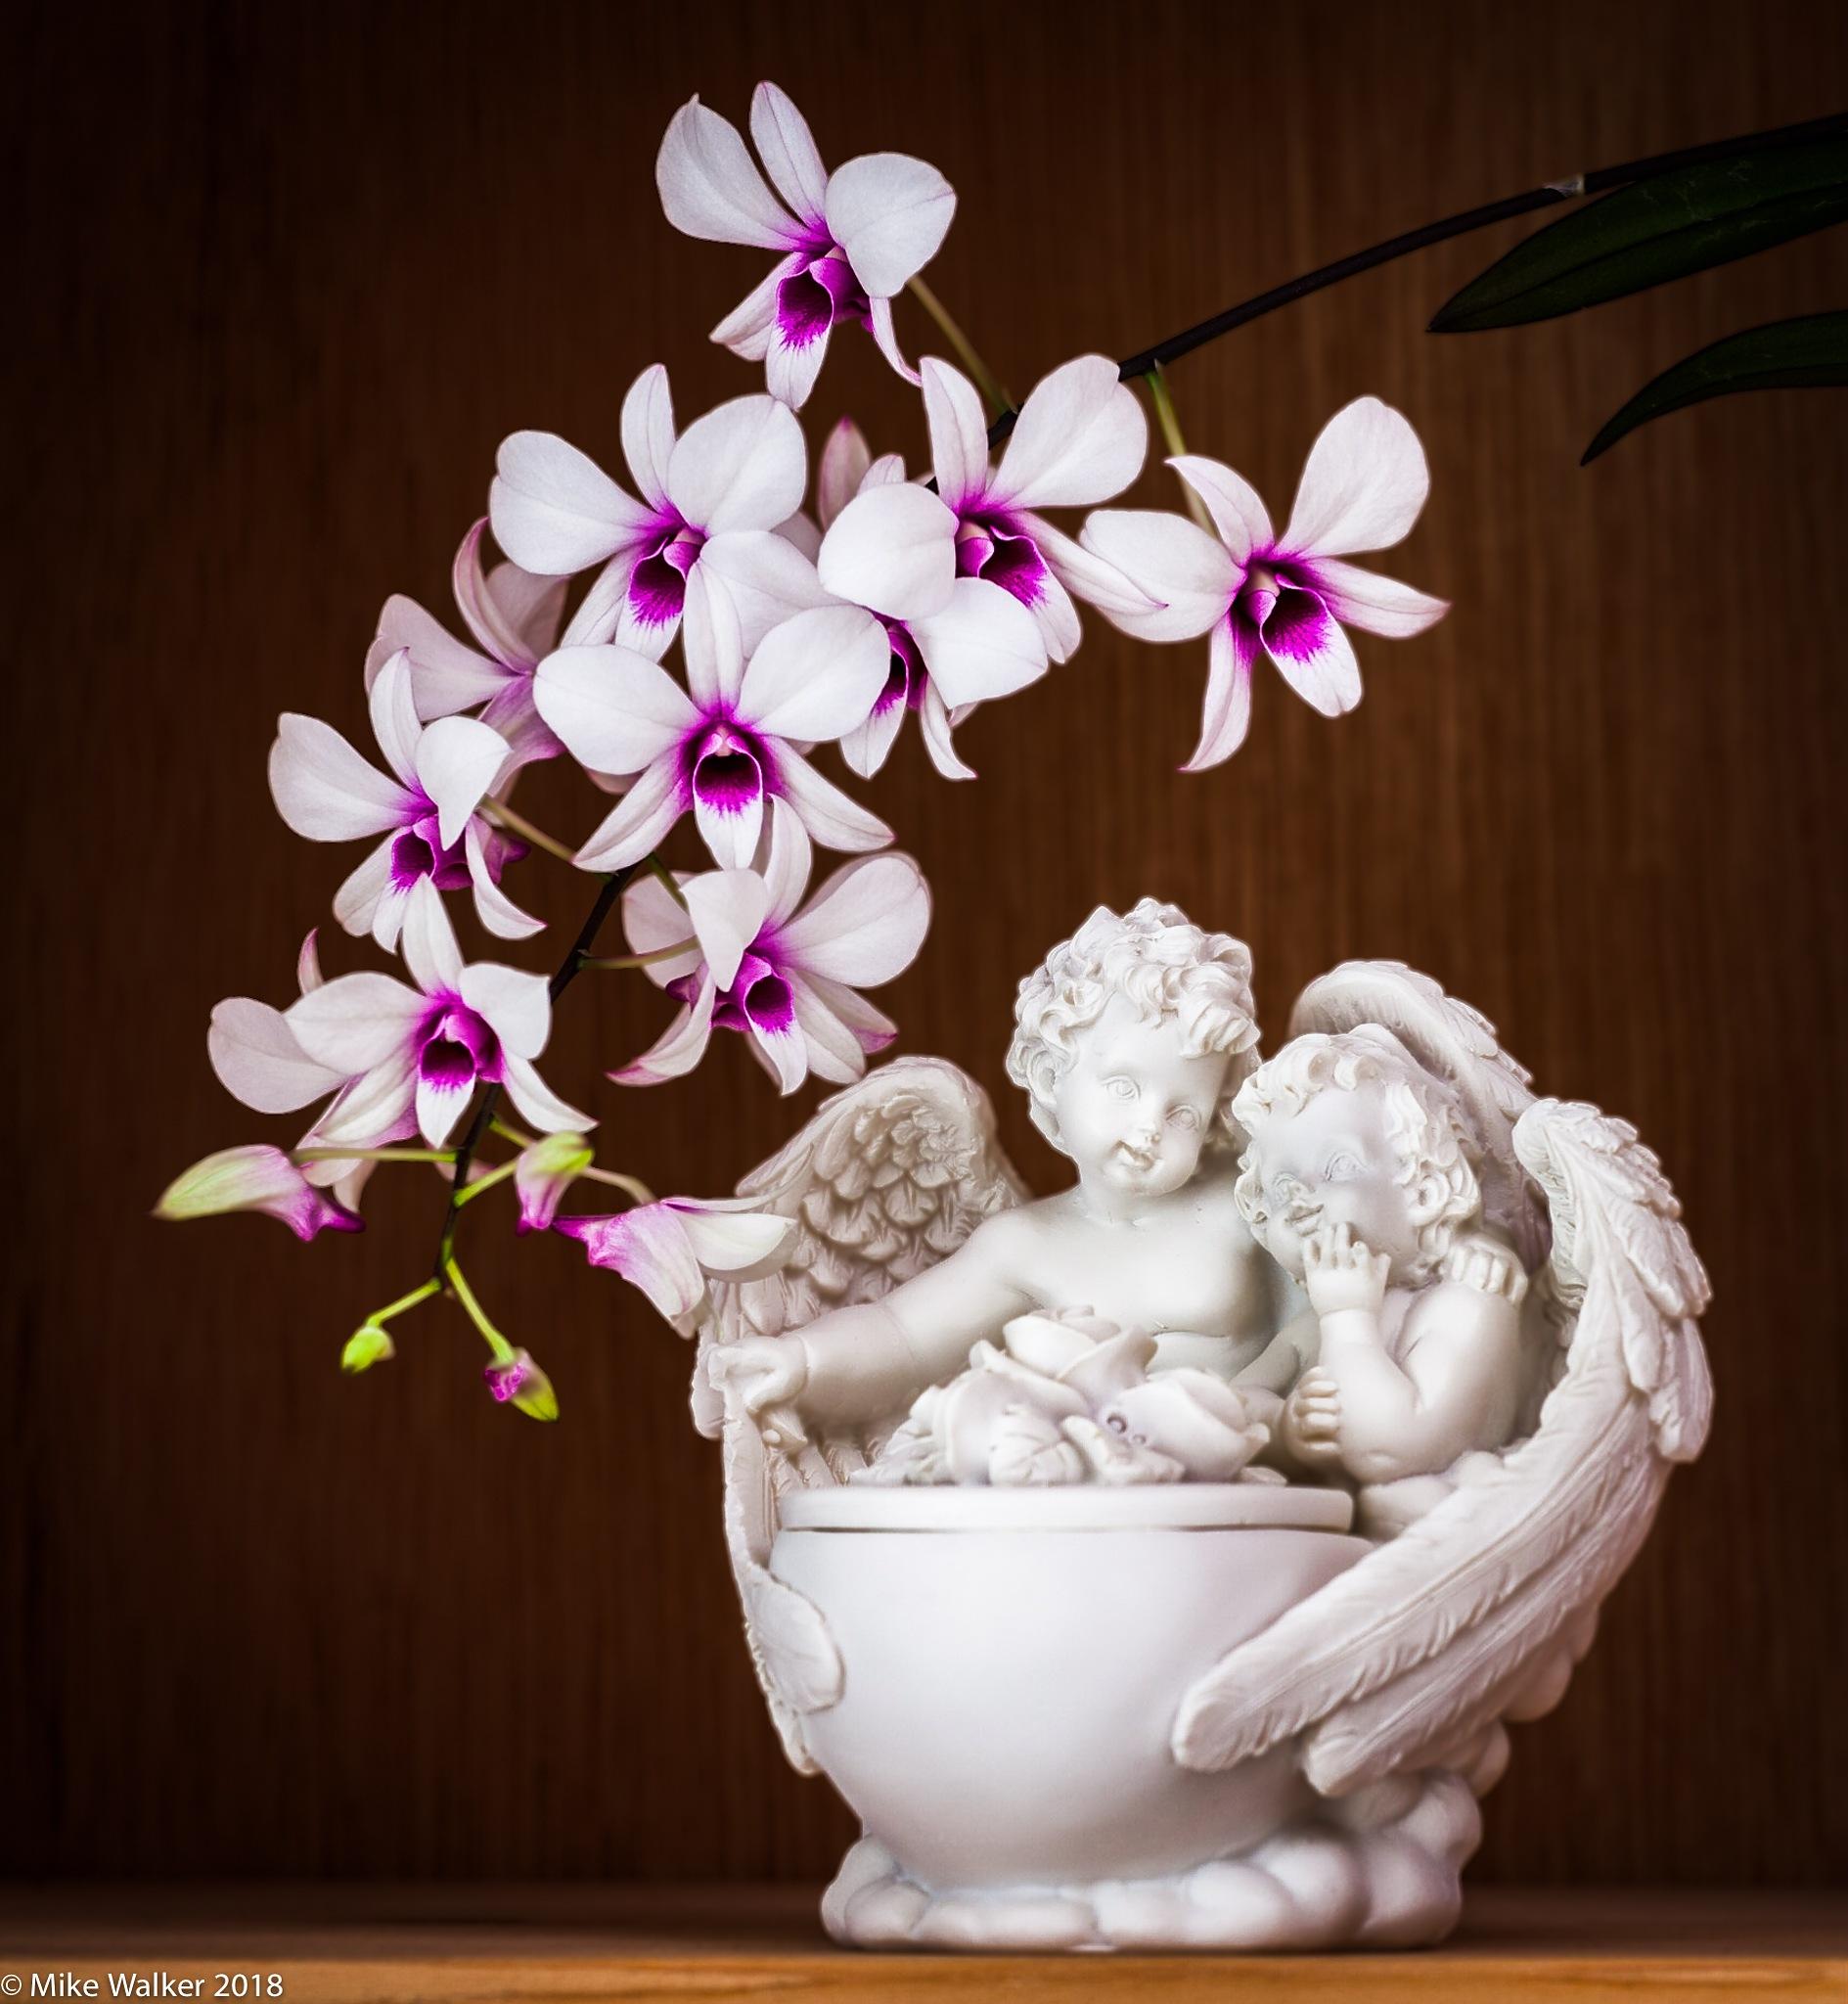 Dendrobium phalaenopsis Display by Mike Walker